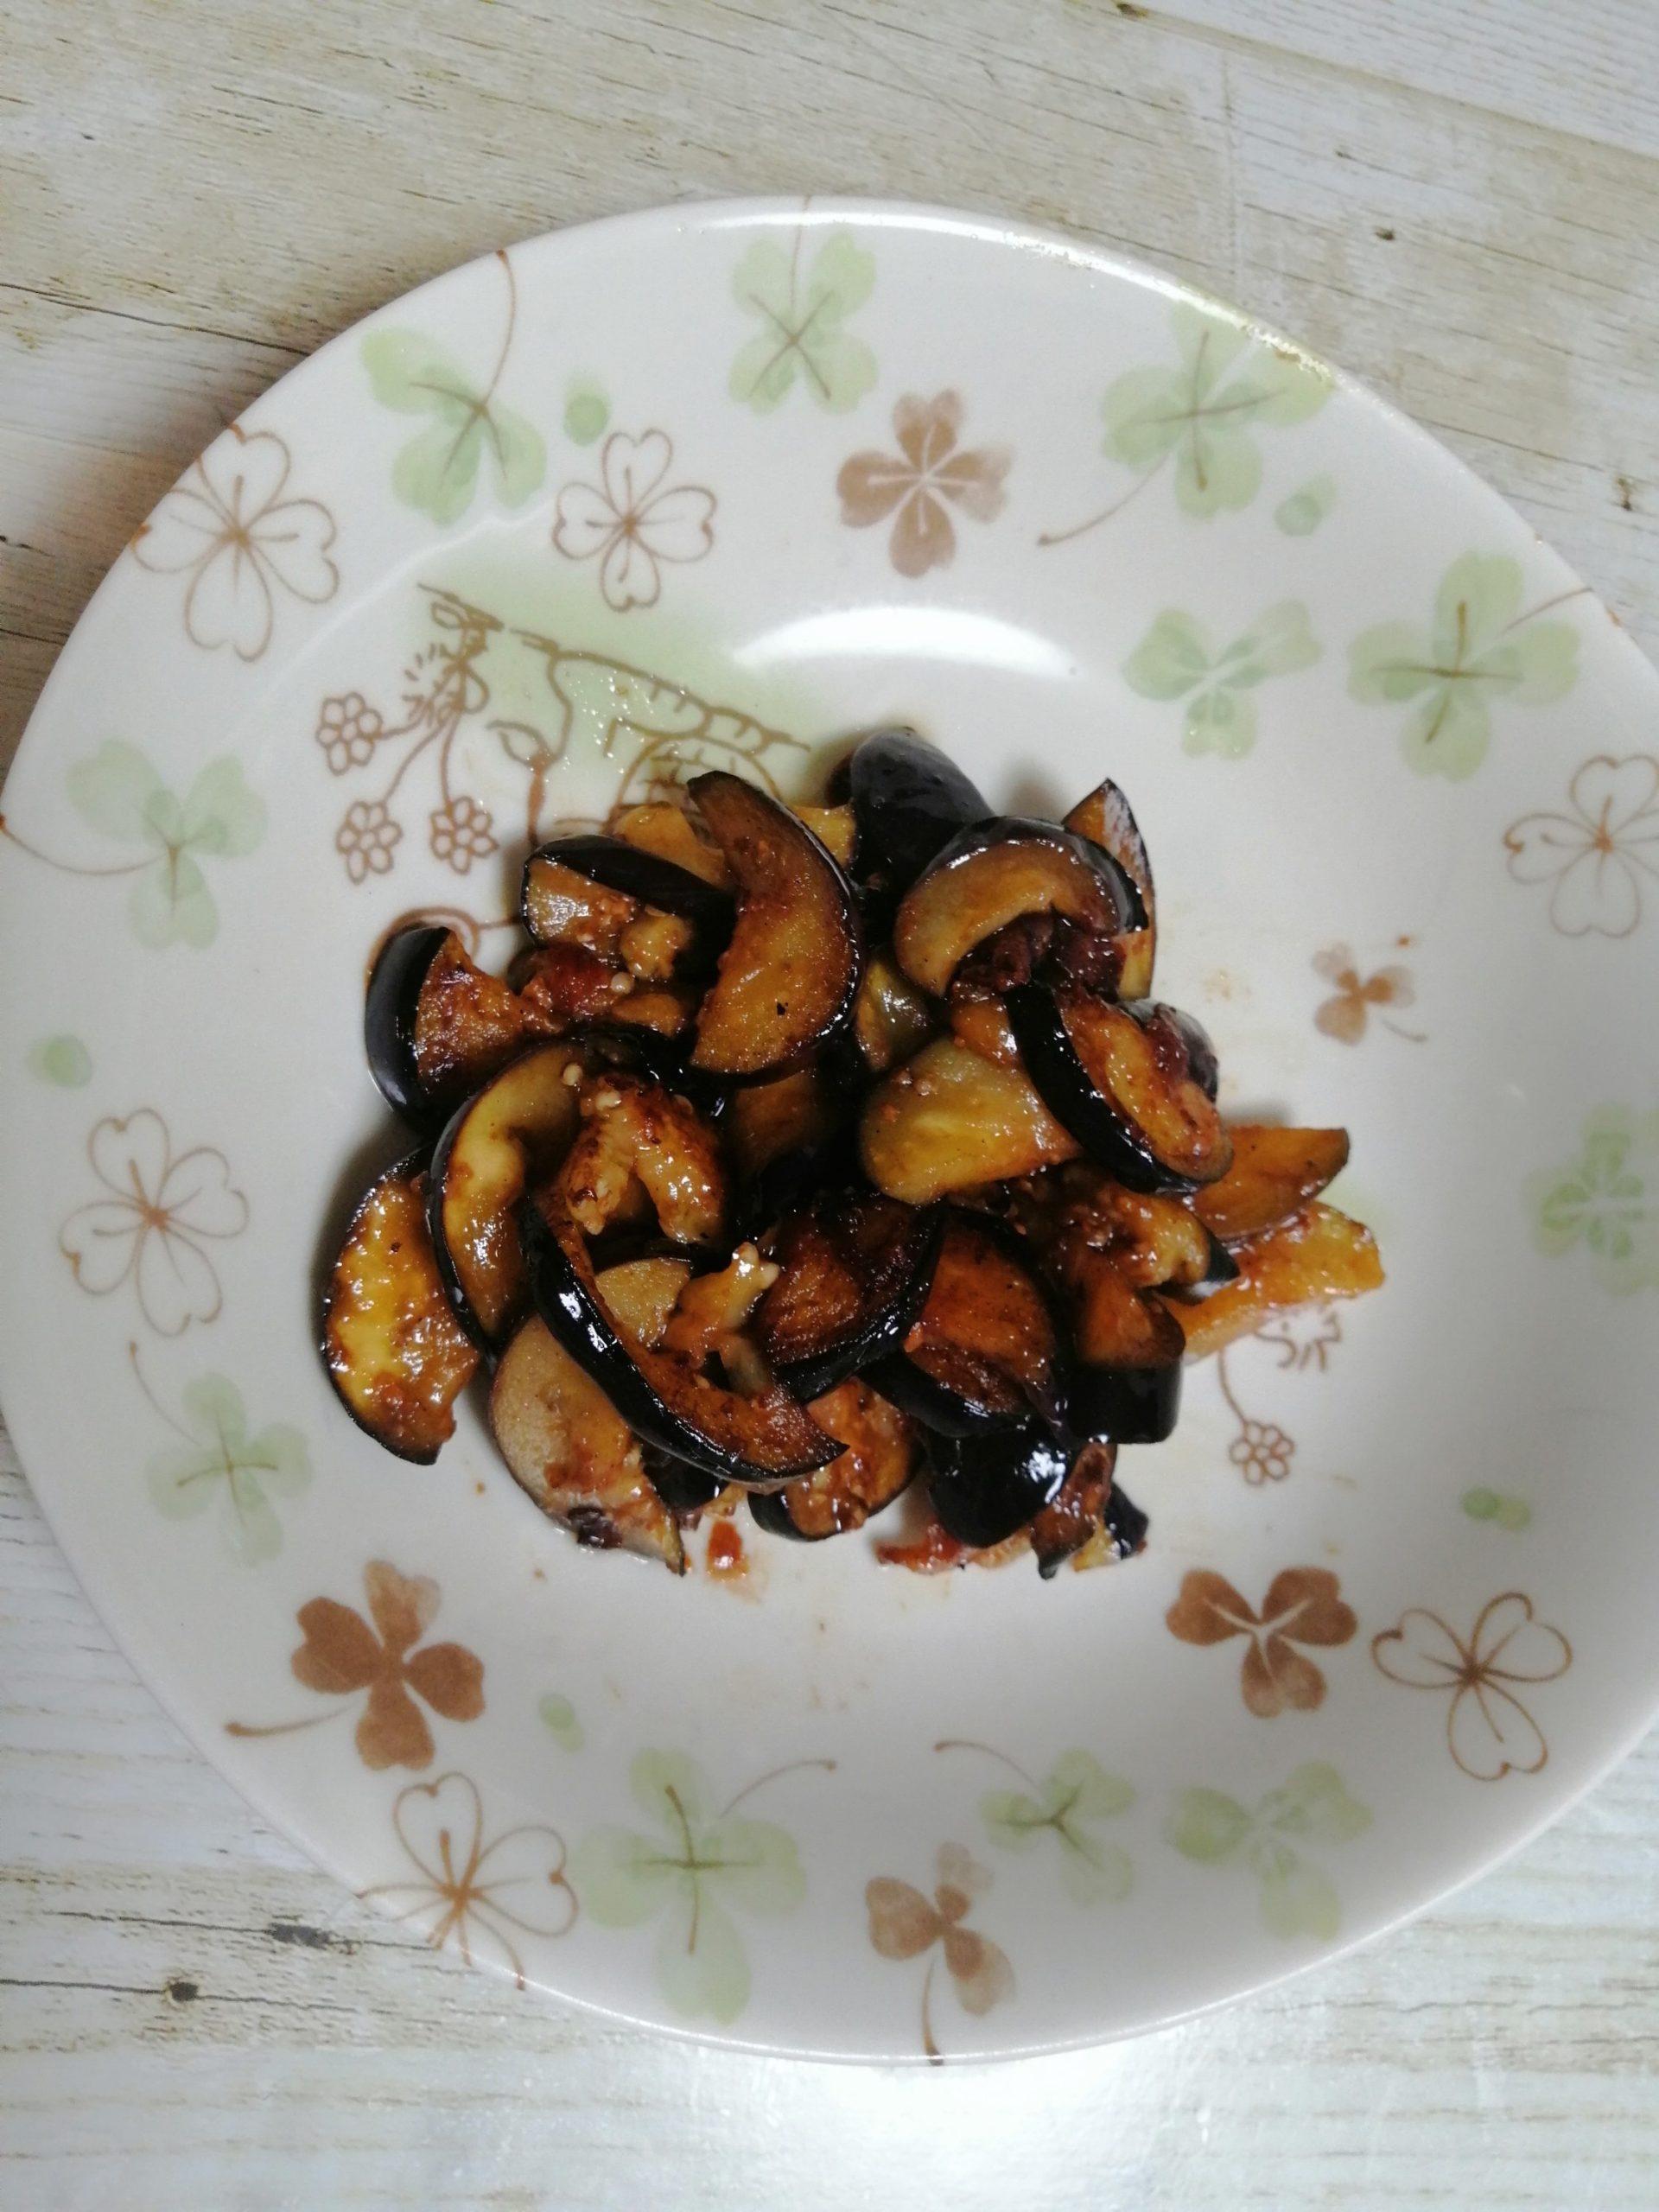 熊本の郷土料理「豚いり」のレシピ